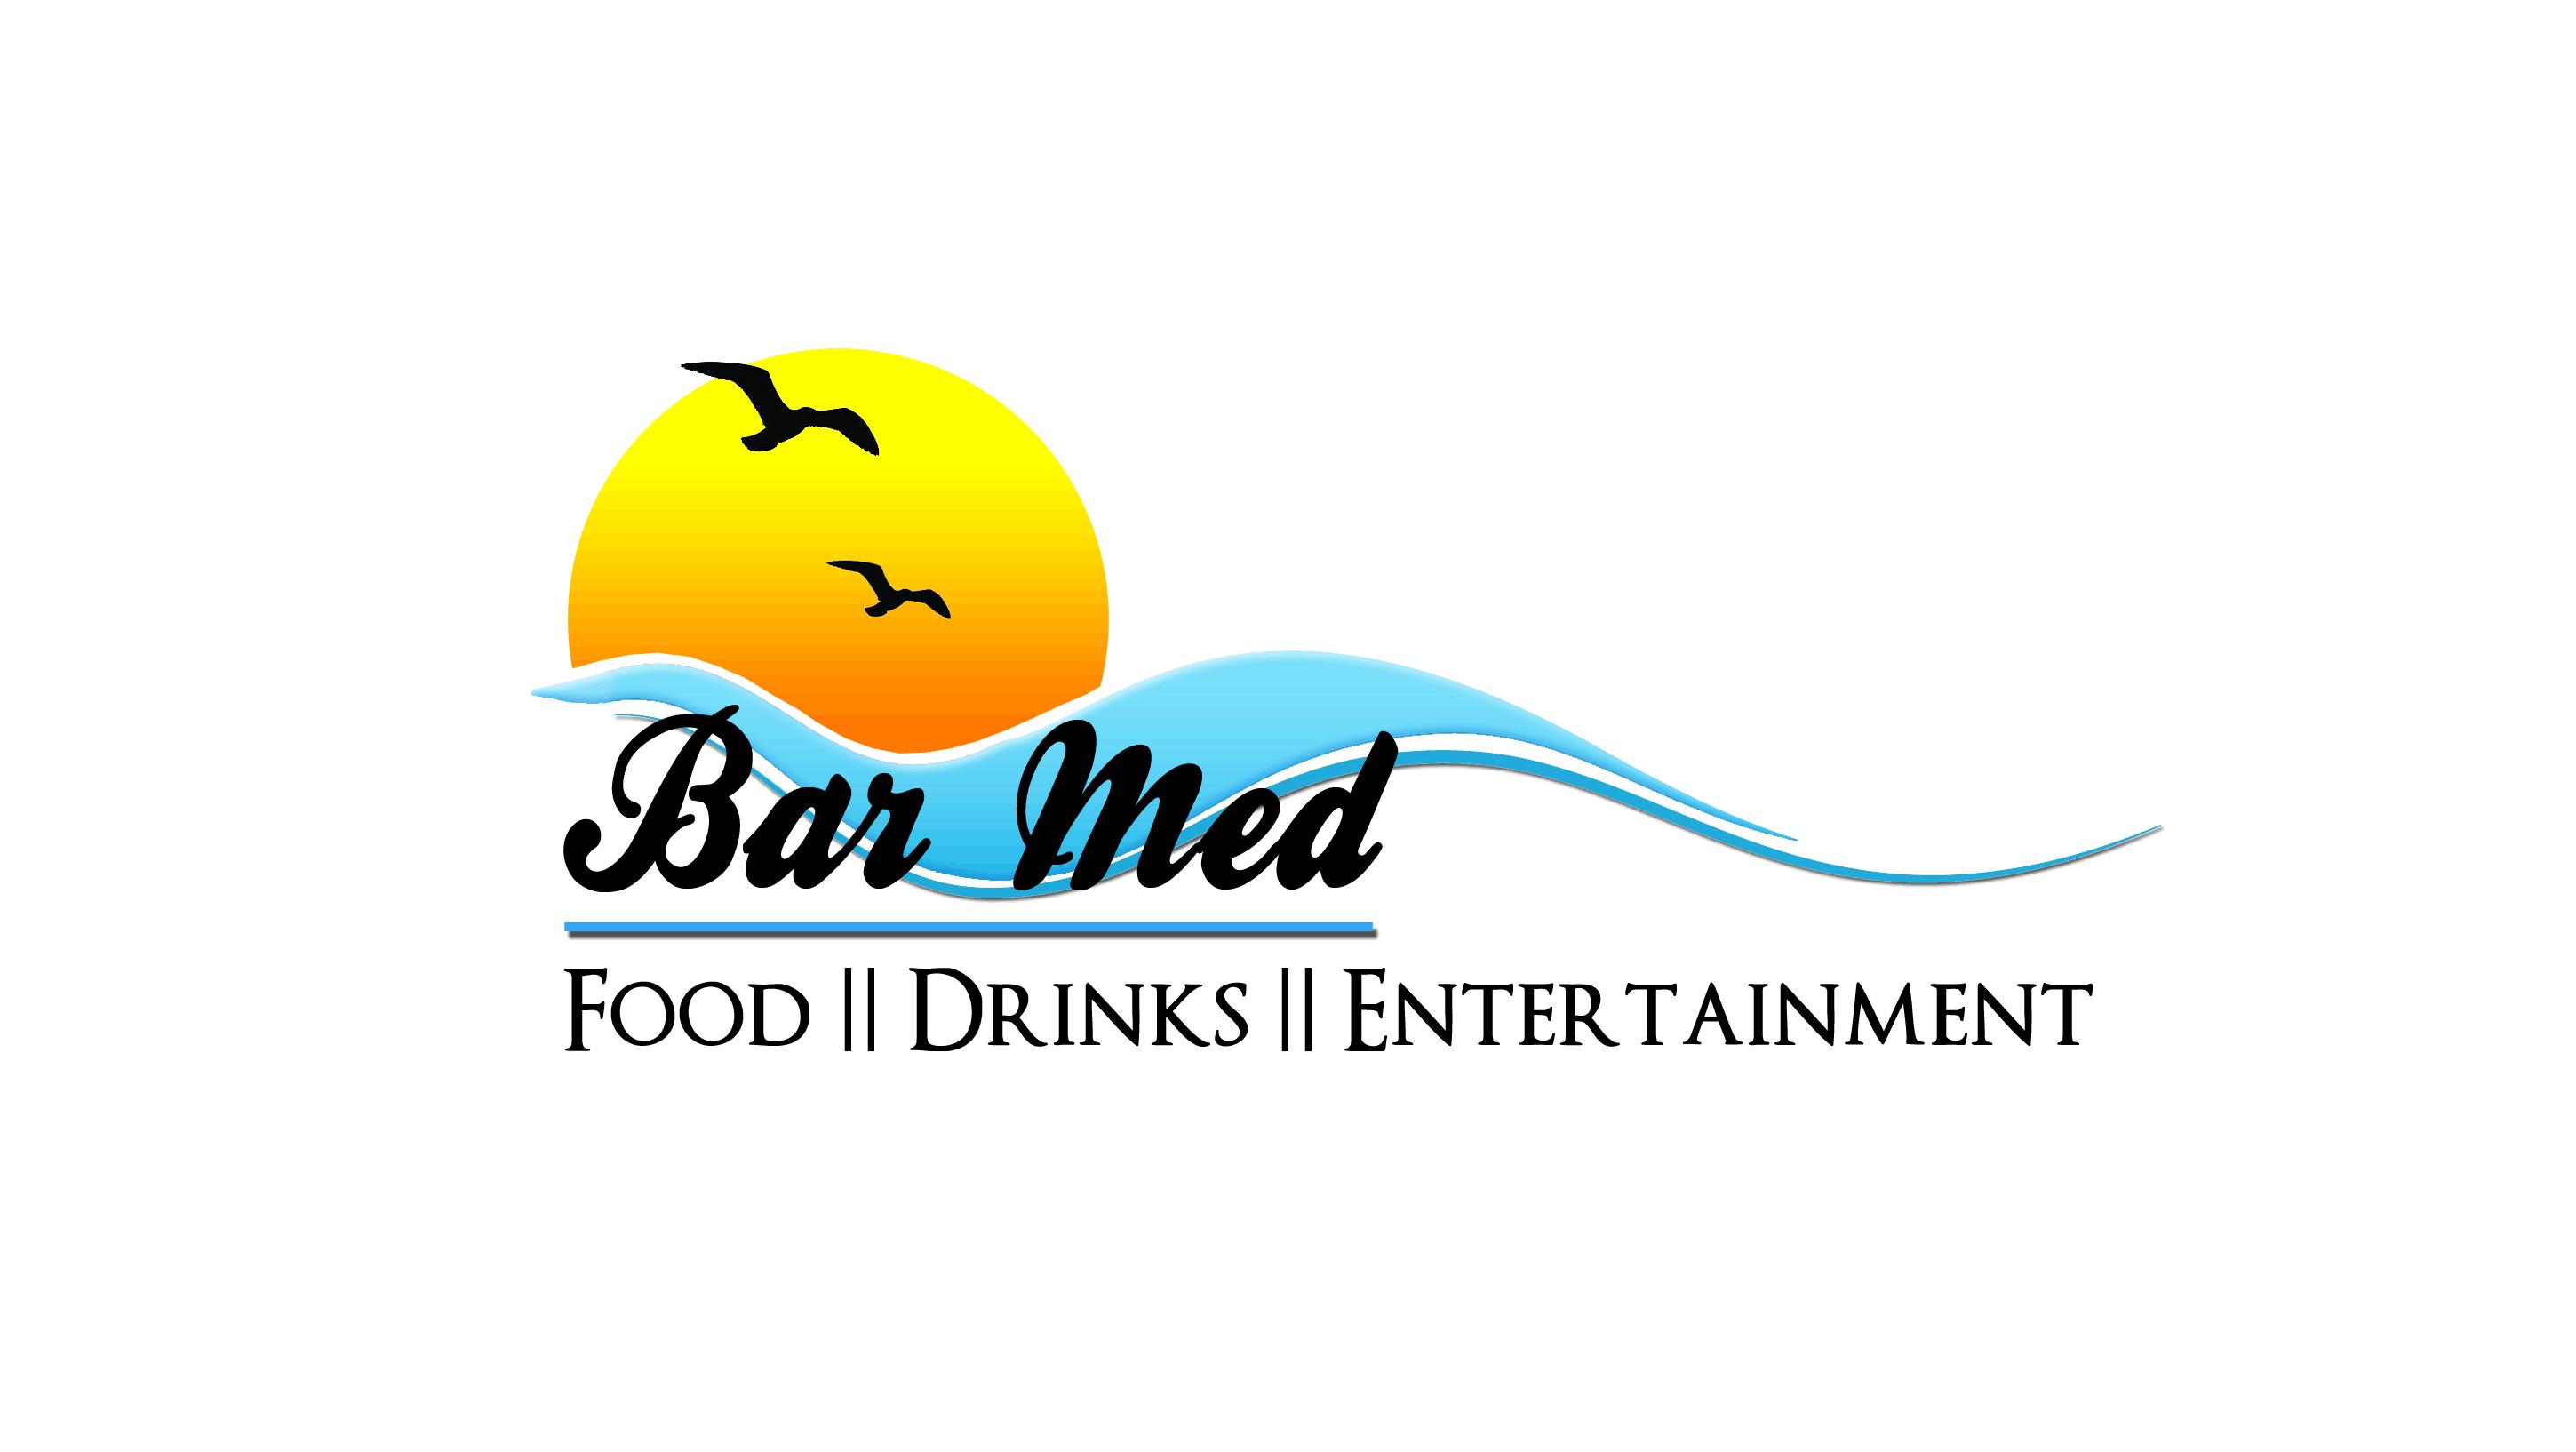 Bar Med